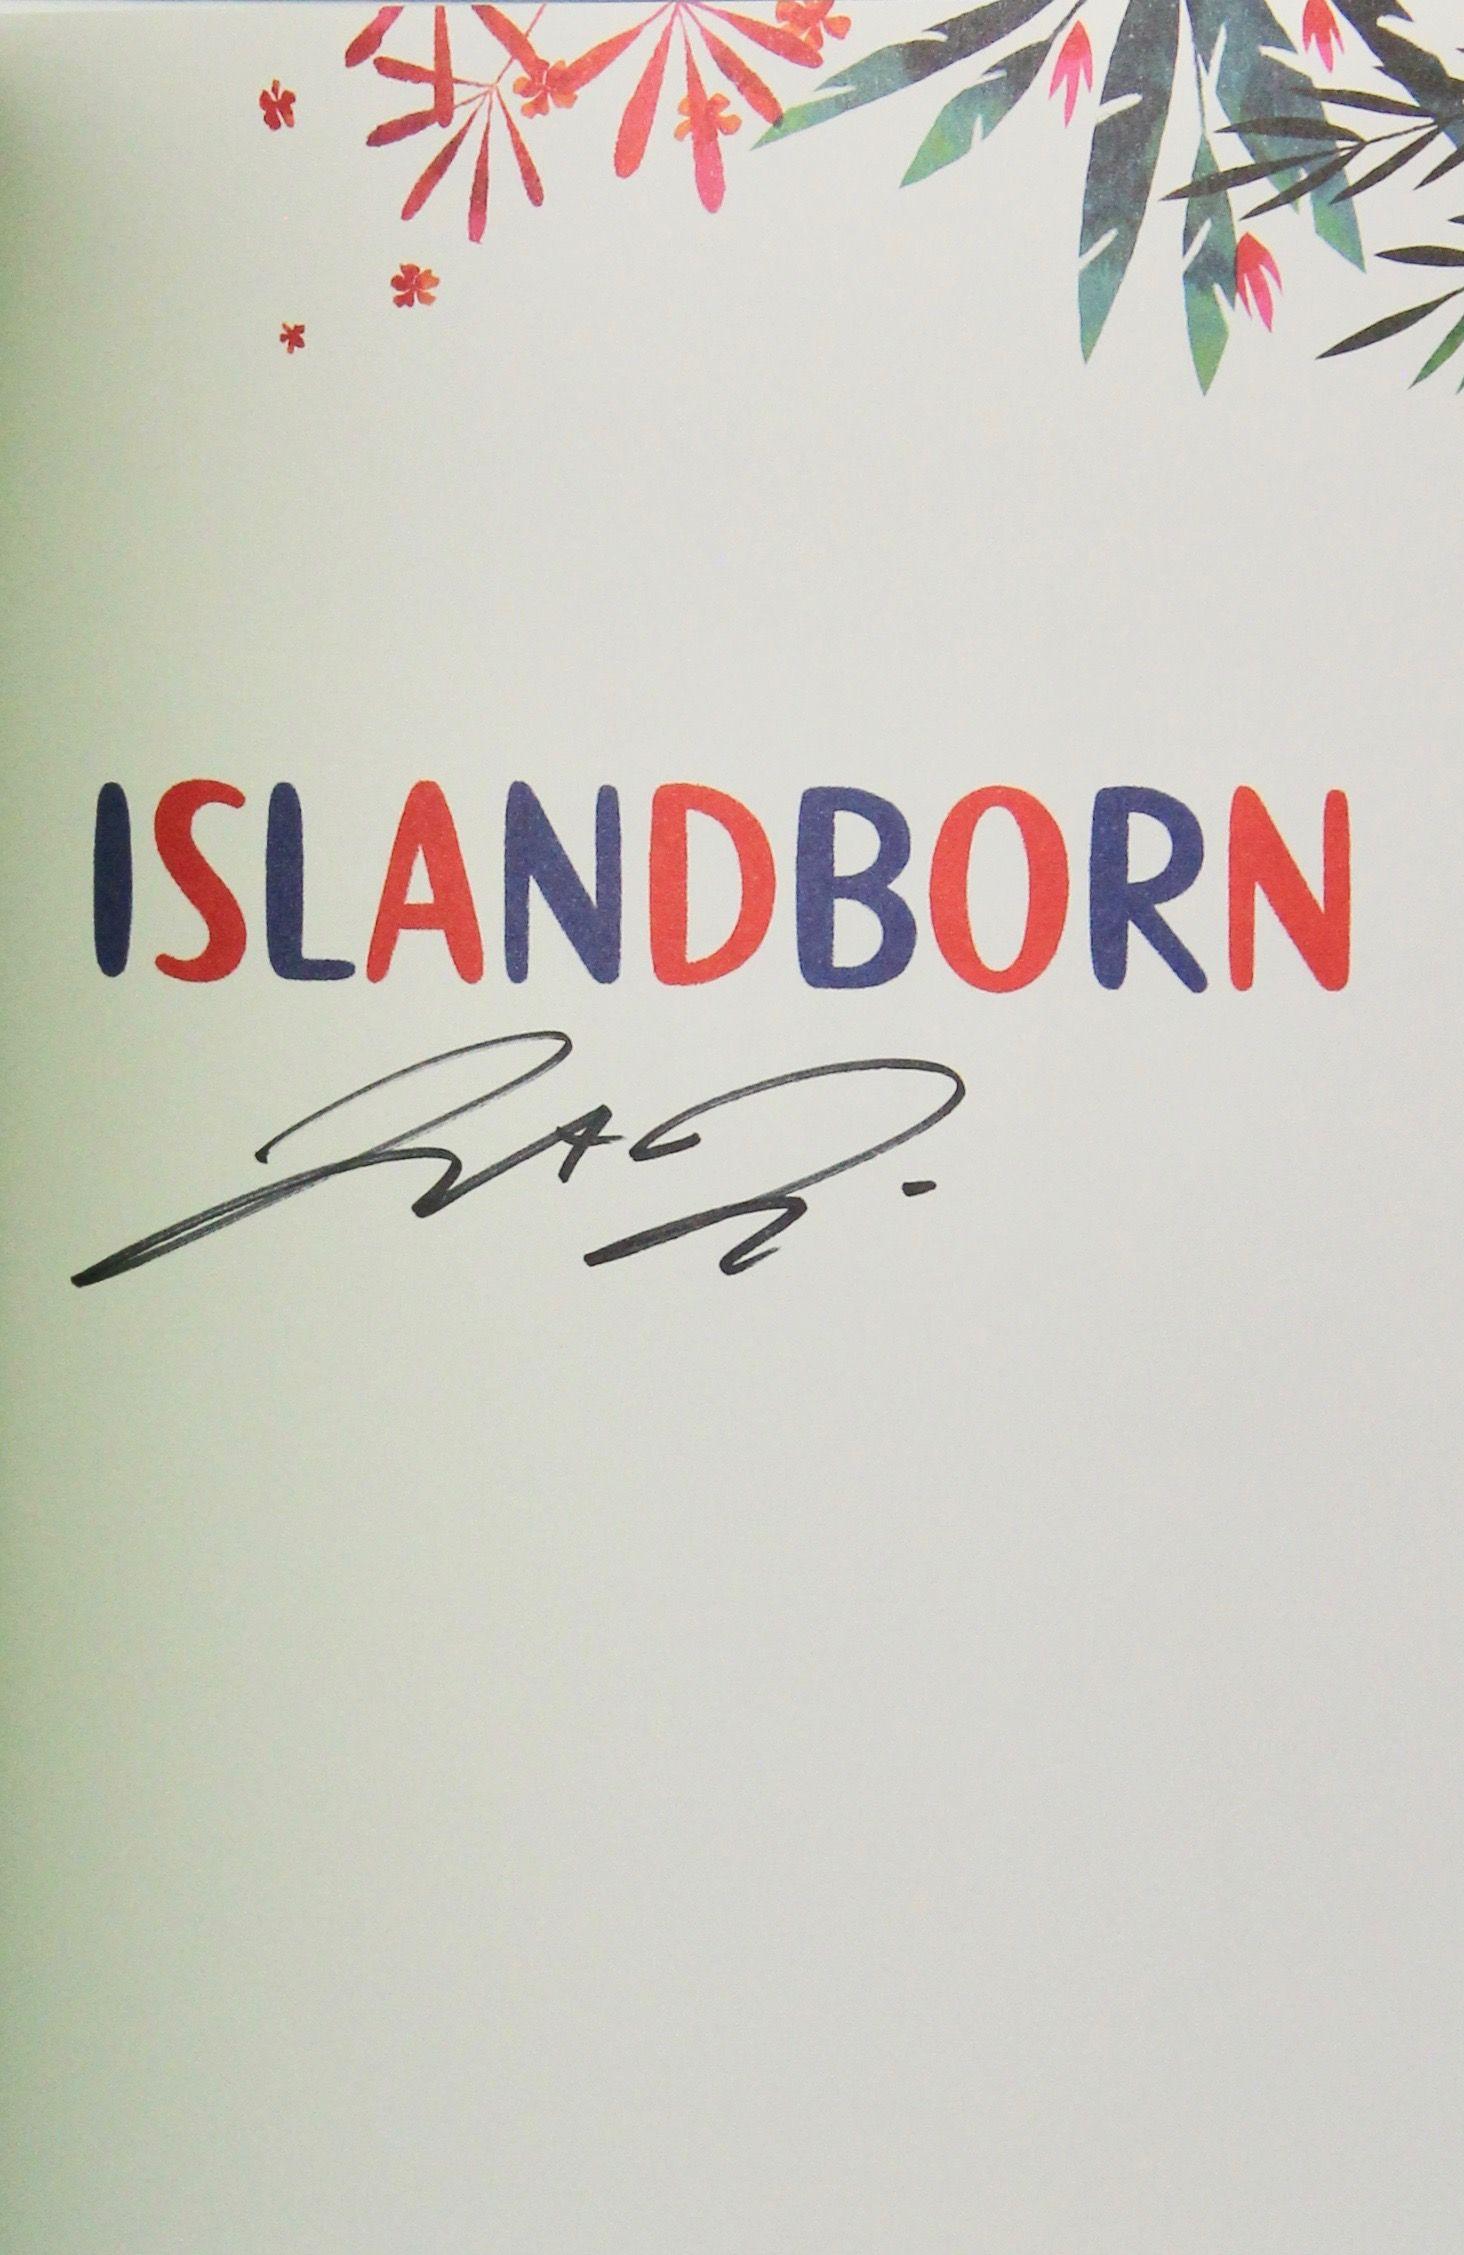 Image for Islandborn (Signed)